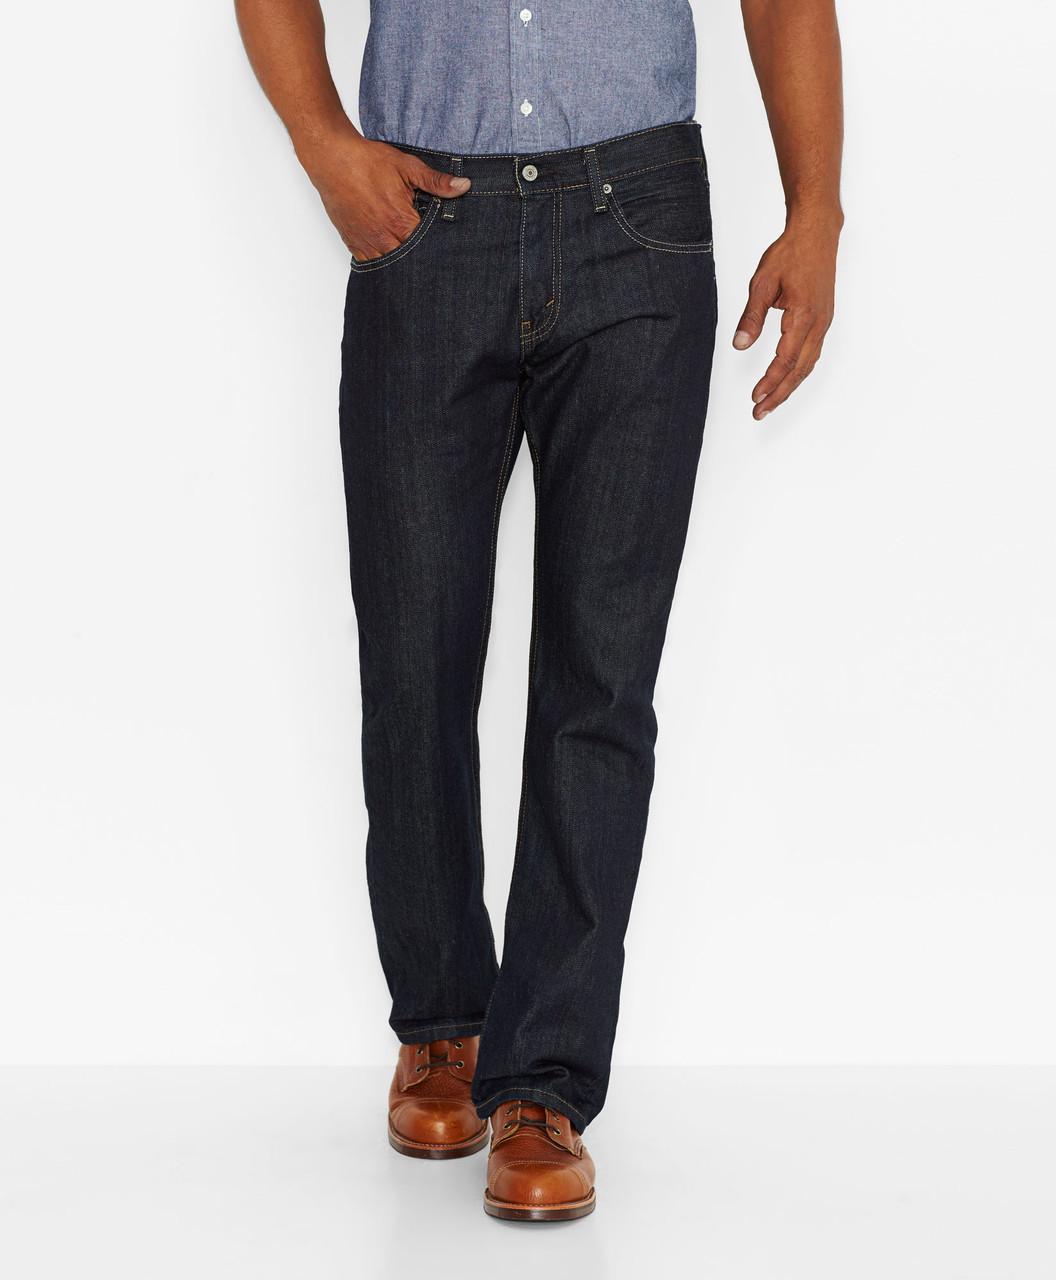 448bd9c3eca Мужские джинсы Levis 527™ Slim Boot Cut Jeans (Tumbled Rigid) черные ...